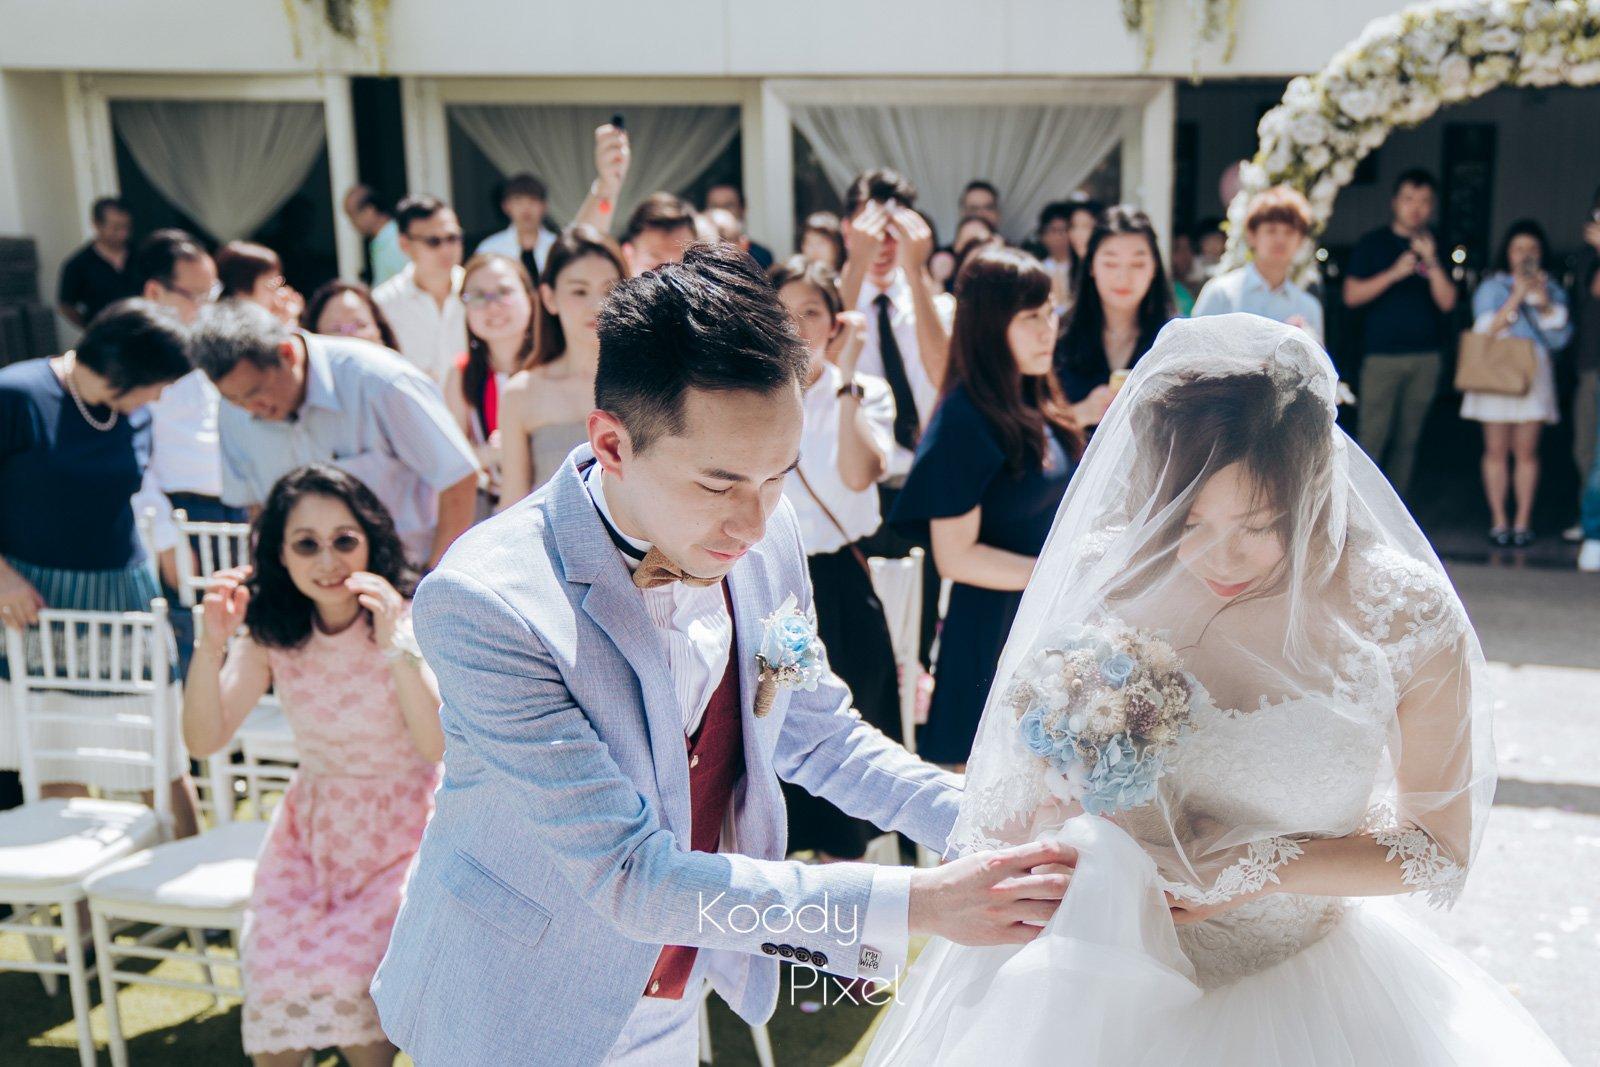 一個簡單的婚禮午宴,盛載著豐富的情感,這是因為婚禮從裝潢及環節從來都不是重點,與身邊的最愛共渡這值得細味的一天,這才是婚禮的定義。